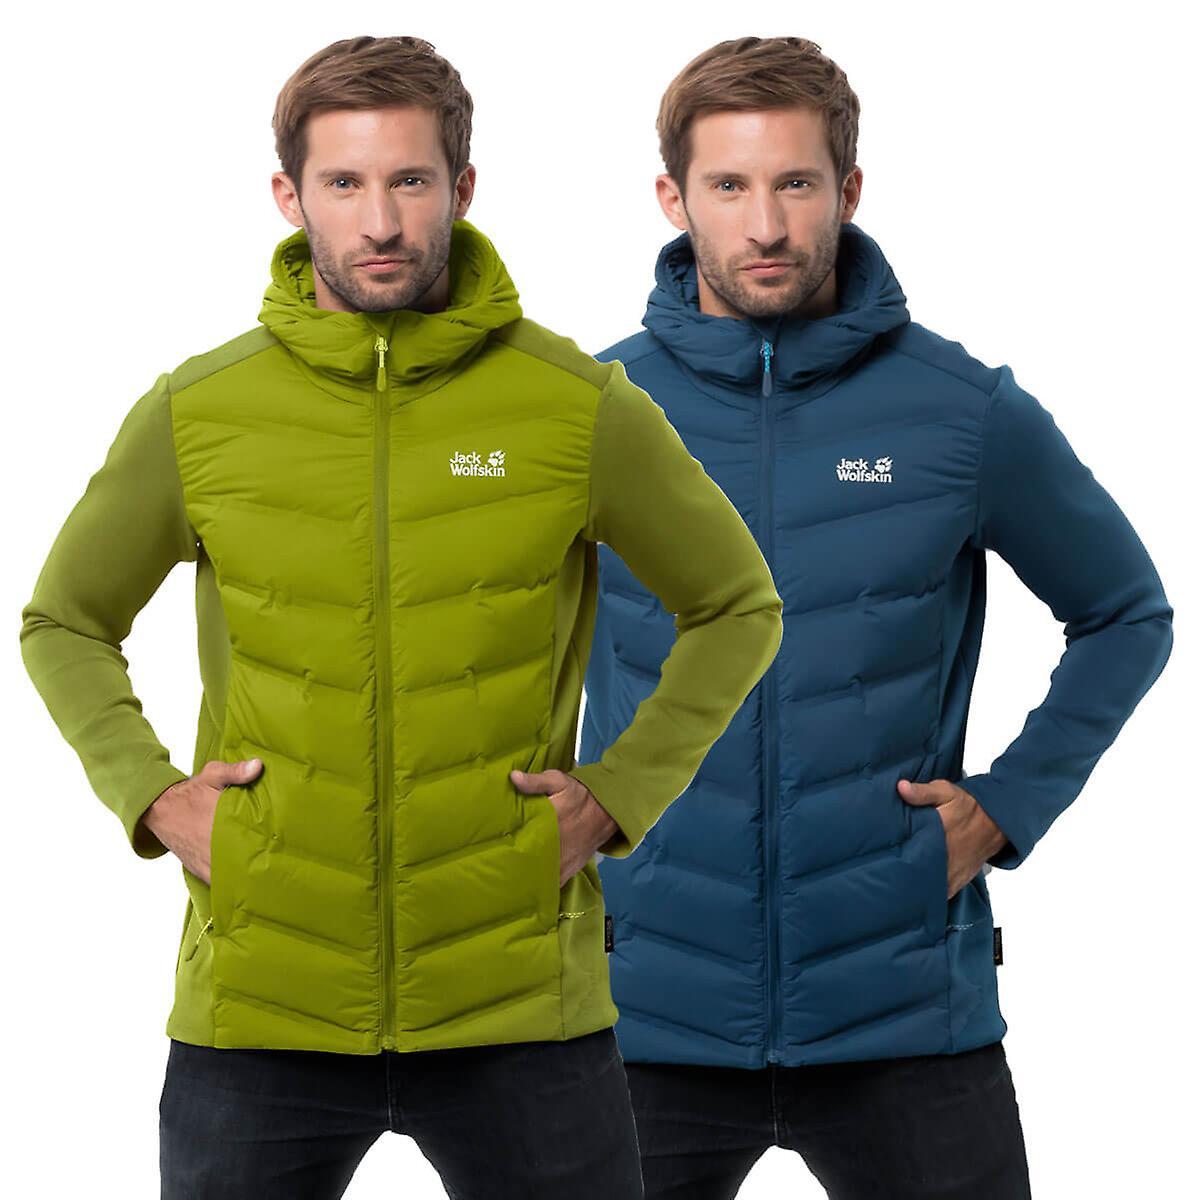 Jack Wolfskin Pour des hommes 2019 Tashomme veste